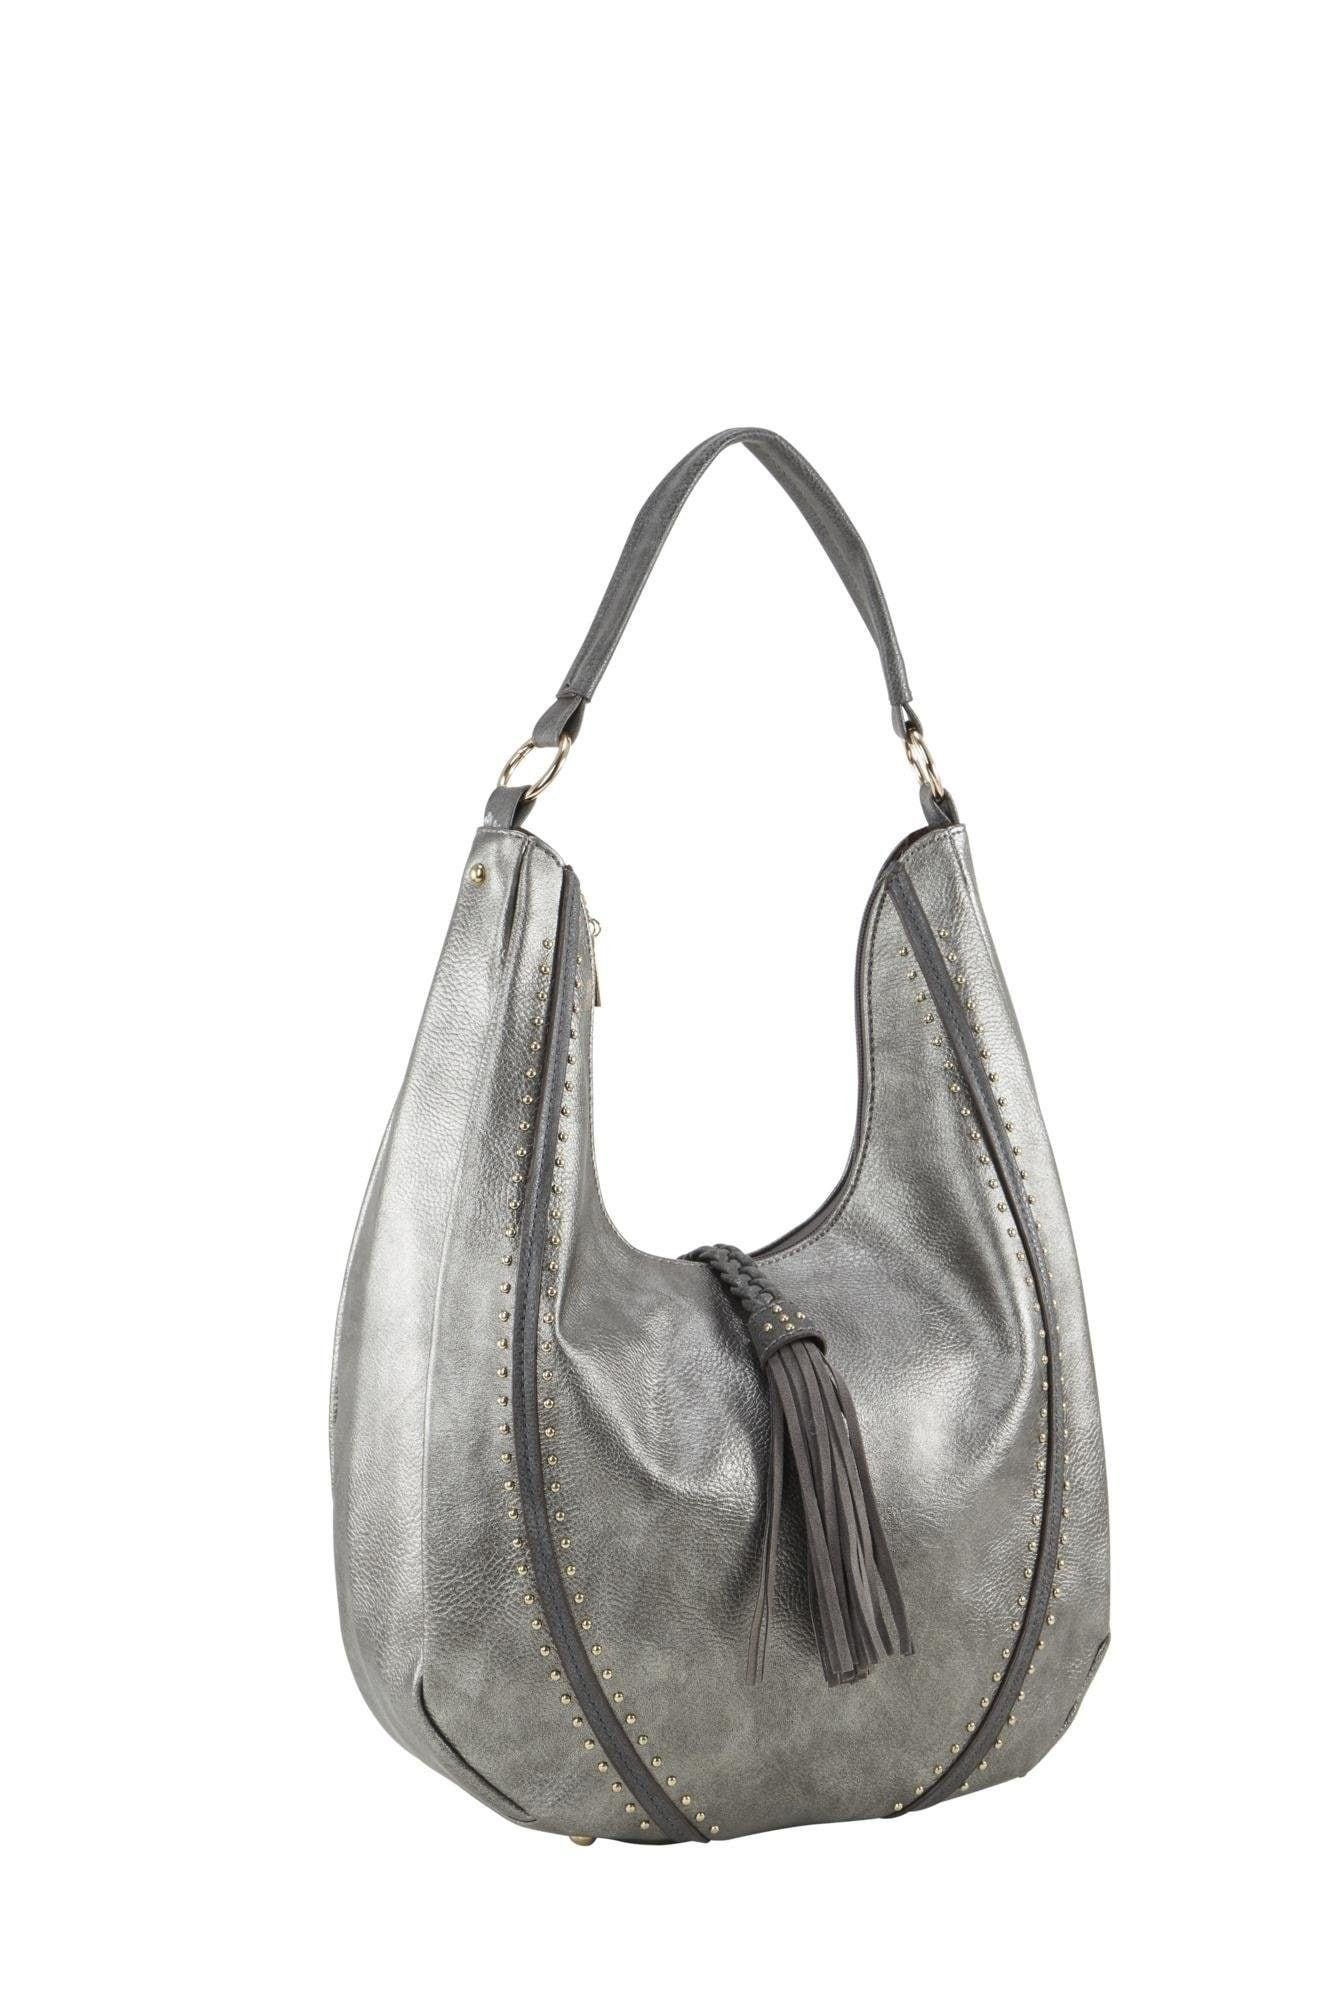 Tasche   Taschen > Handtaschen > Sonstige Handtaschen   Grau   heine